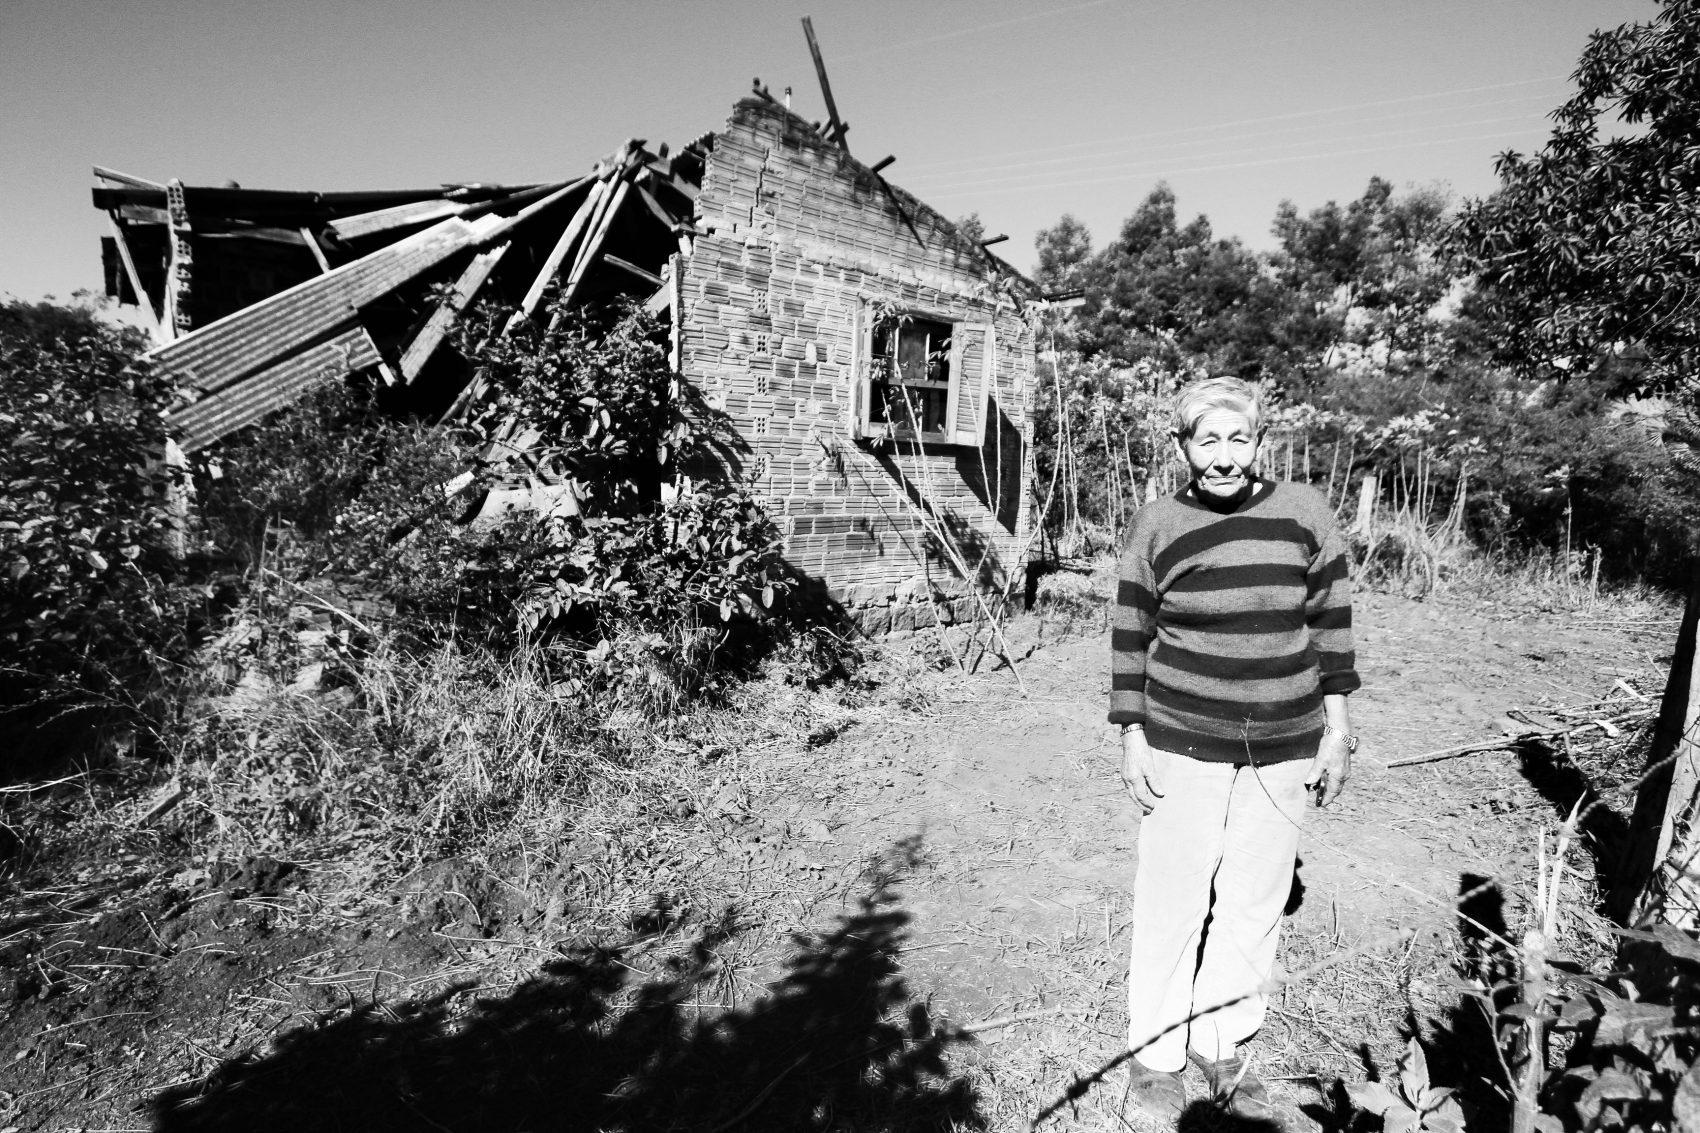 Carolina: impacto das detonações danifica casas e tira o sono dos moradores